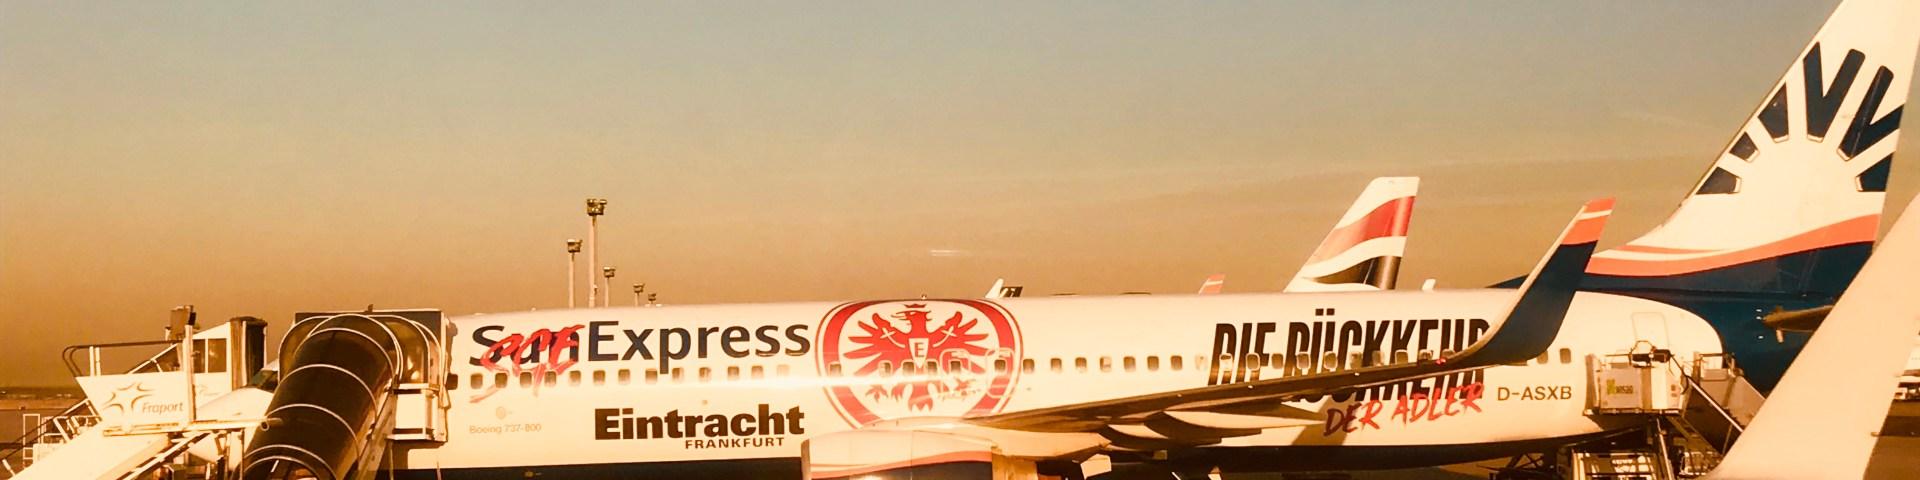 Beachtime Travelling reist mit Eintracht Frankfurt durch Europa